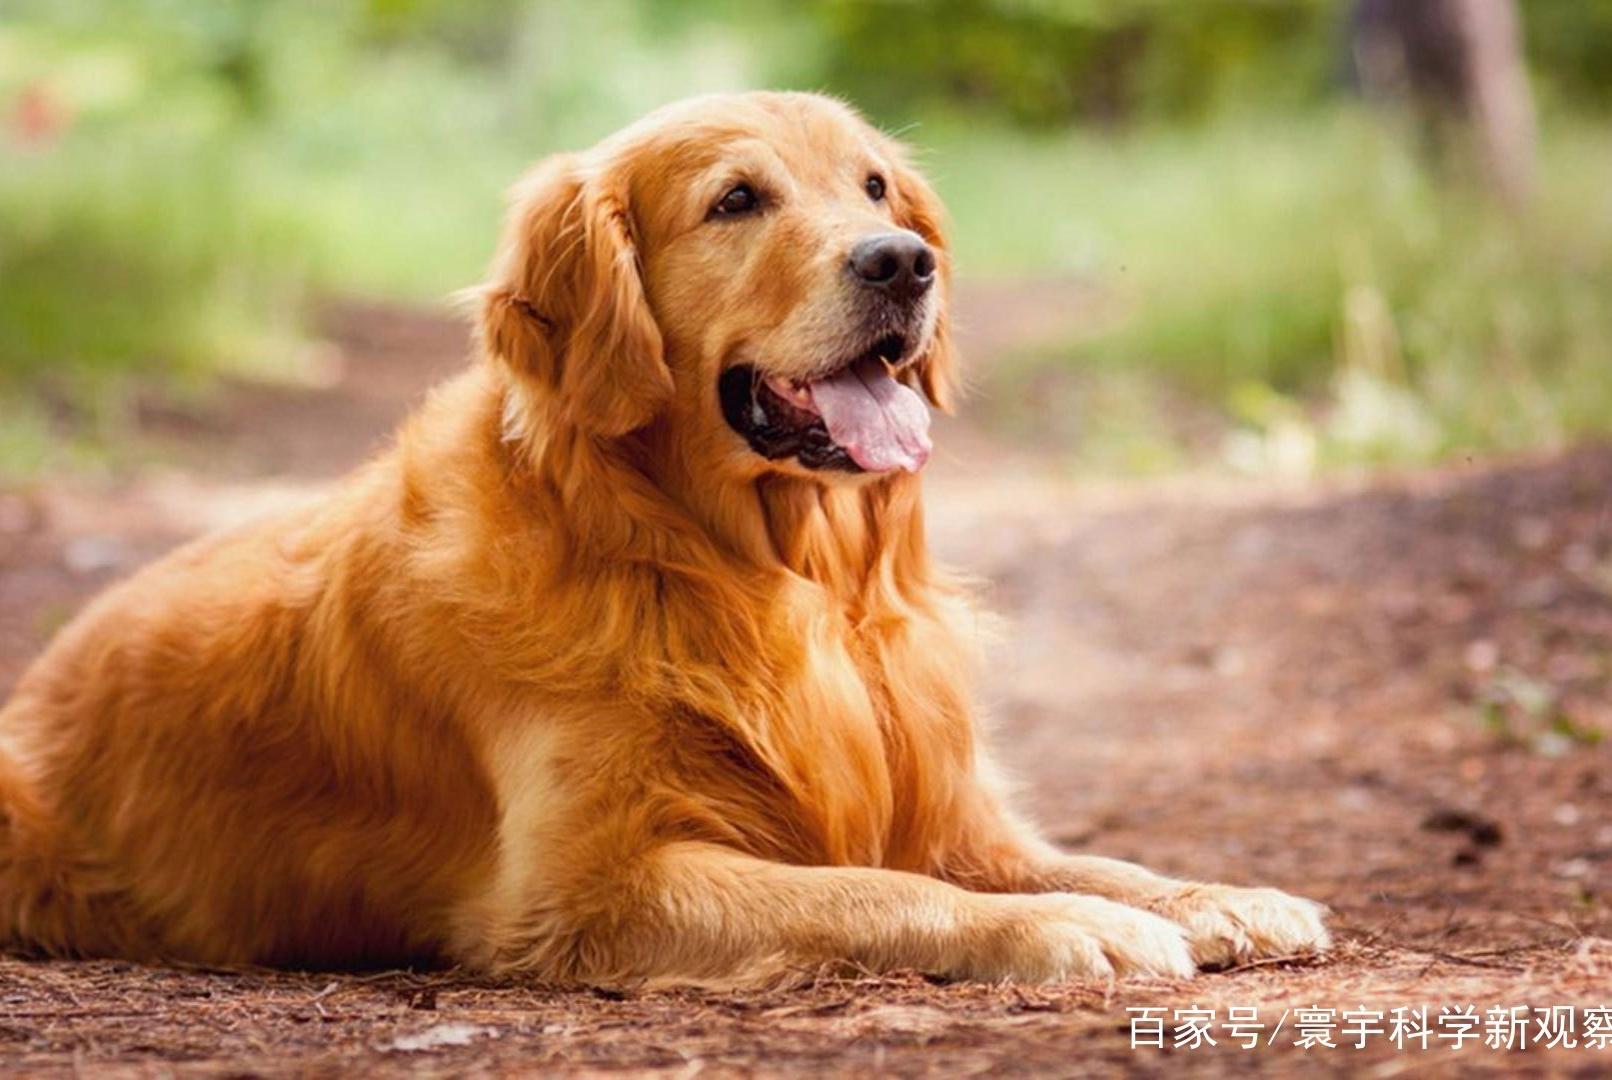 死了都要爱,史前人类对狗狗的疼爱不输现代人,连入葬都带上它们